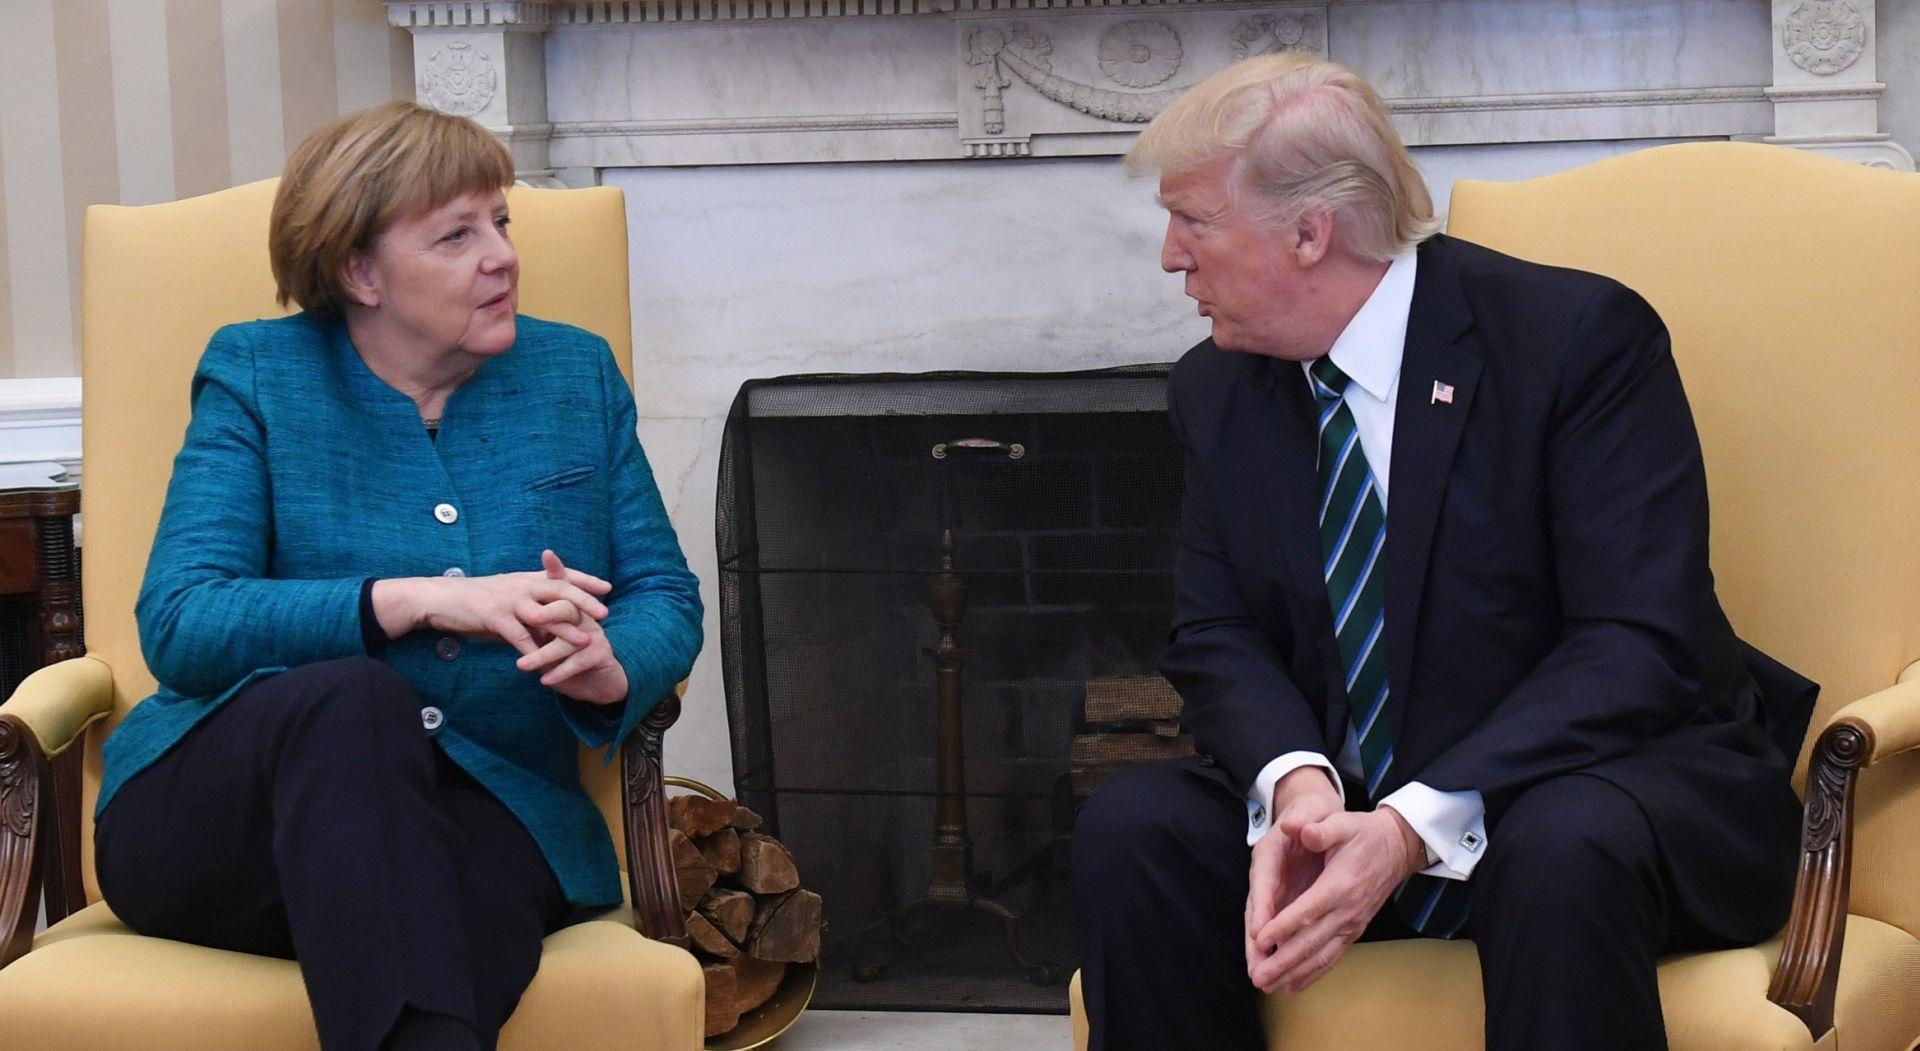 Merkel krajem travnja odlazi u posjet Trumpu